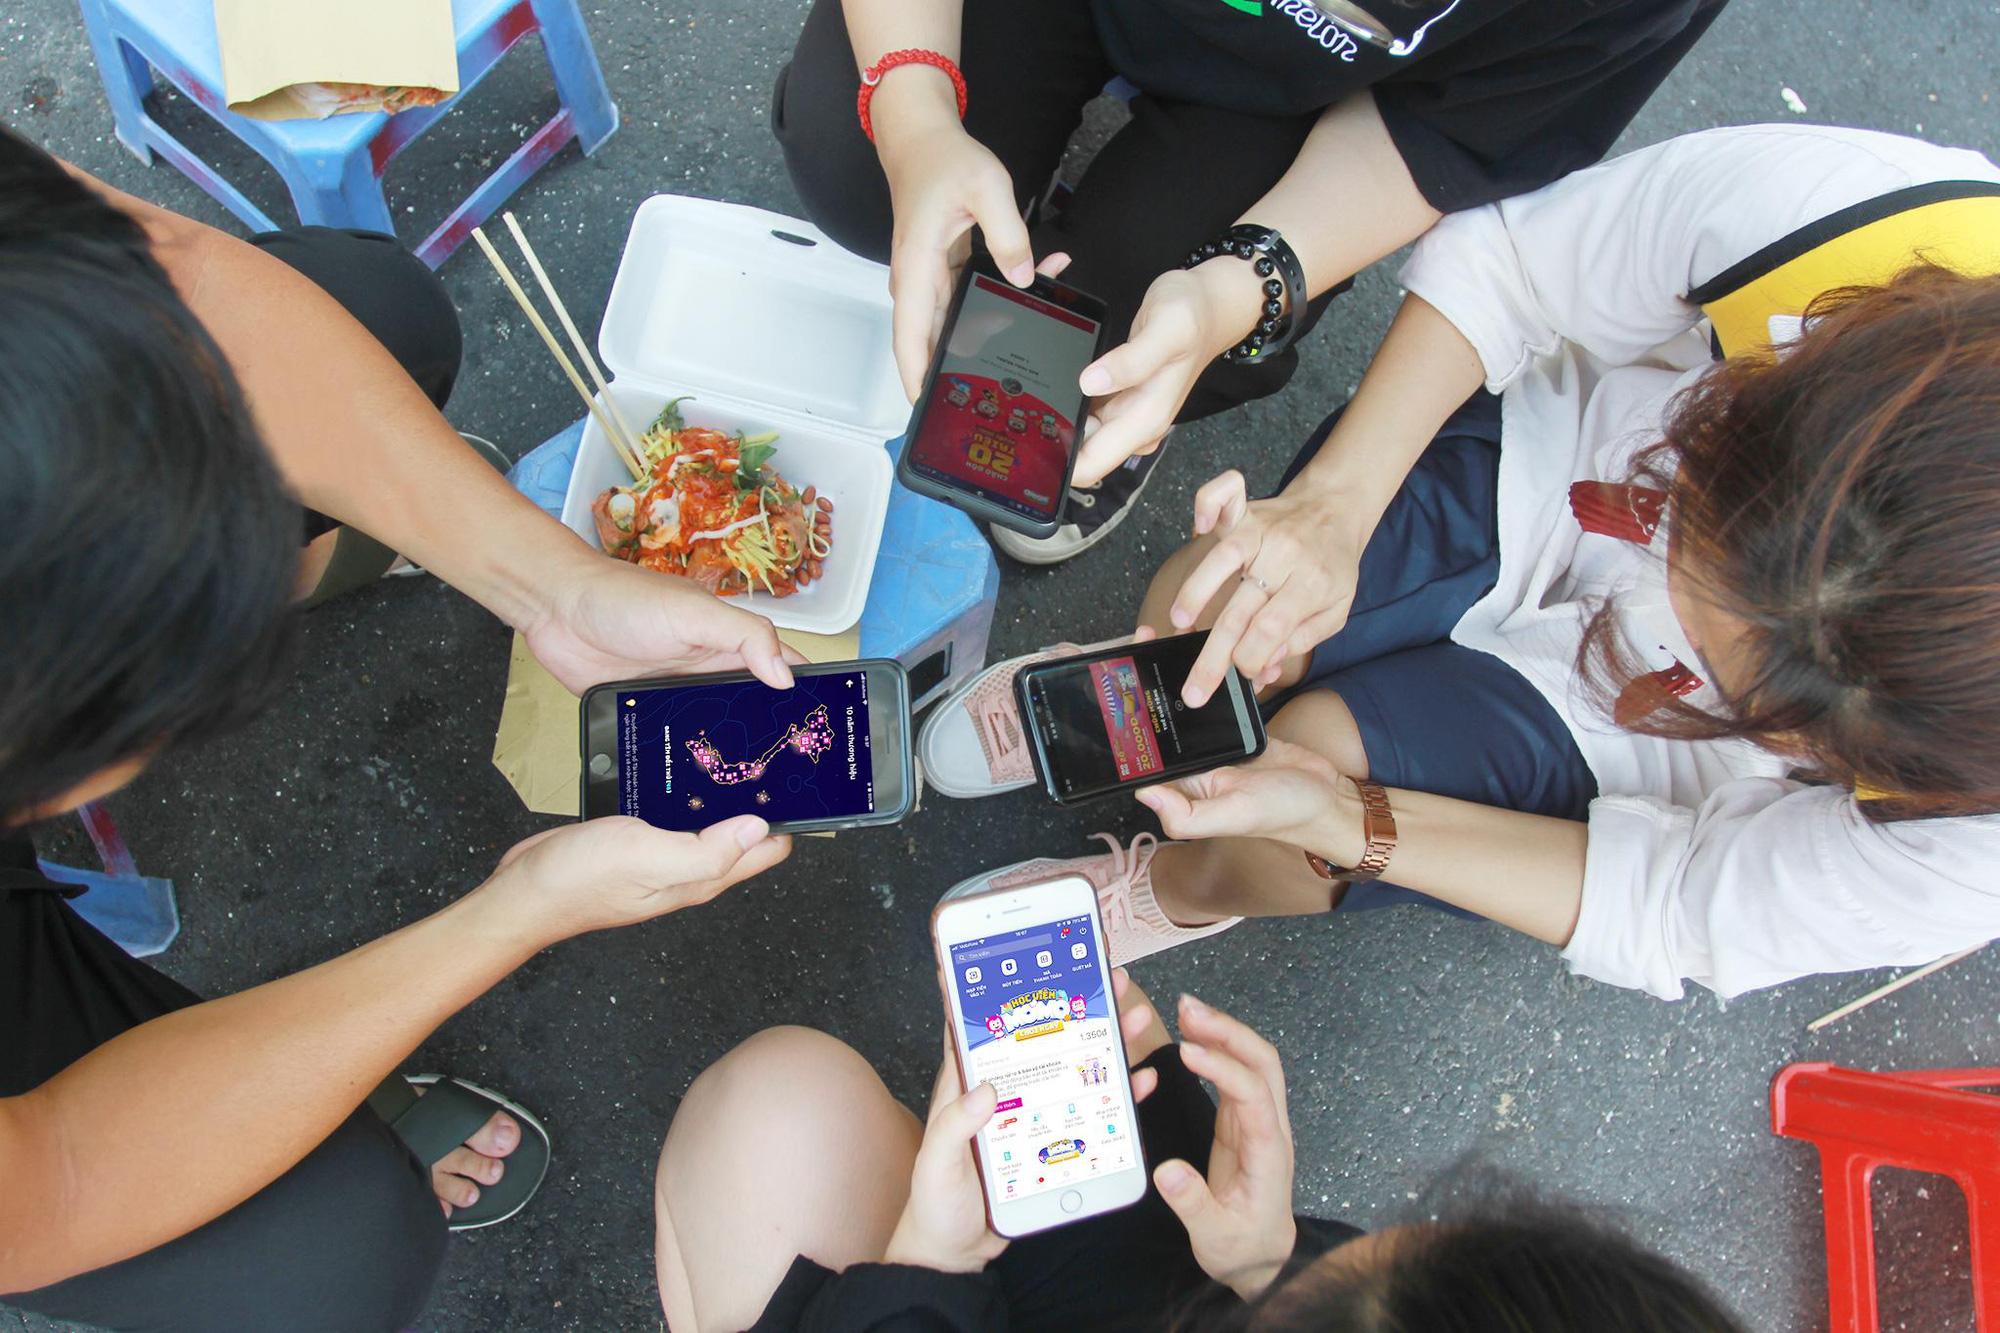 5 lý do khiến cuộc thi kiến thức trên ví điện tử thu hút hàng triệu người trẻ chơi mỗi ngày - Ảnh 3.